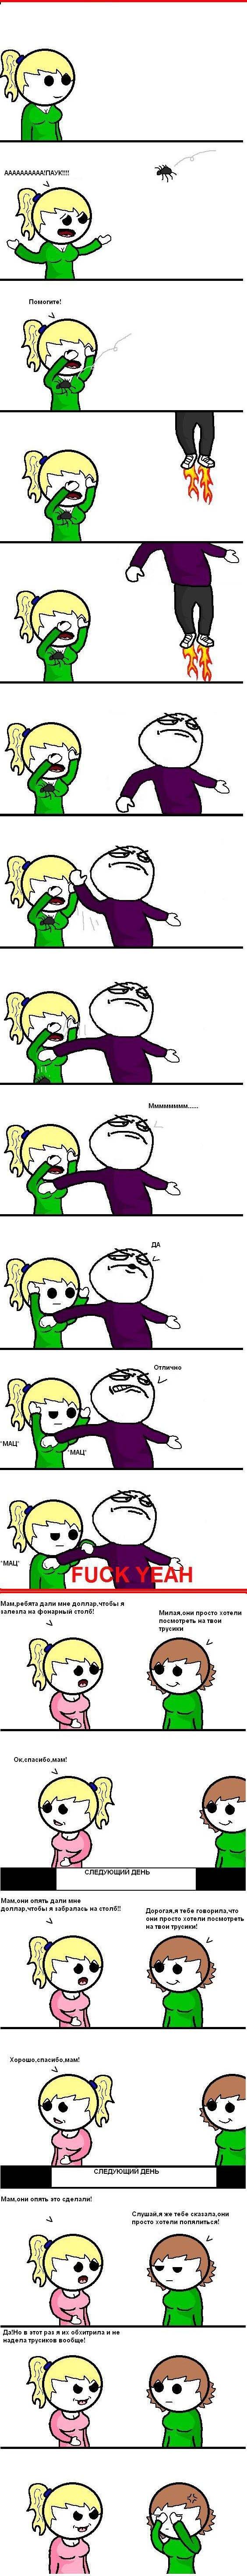 Как потрогать девушку за грудь (4 фото)